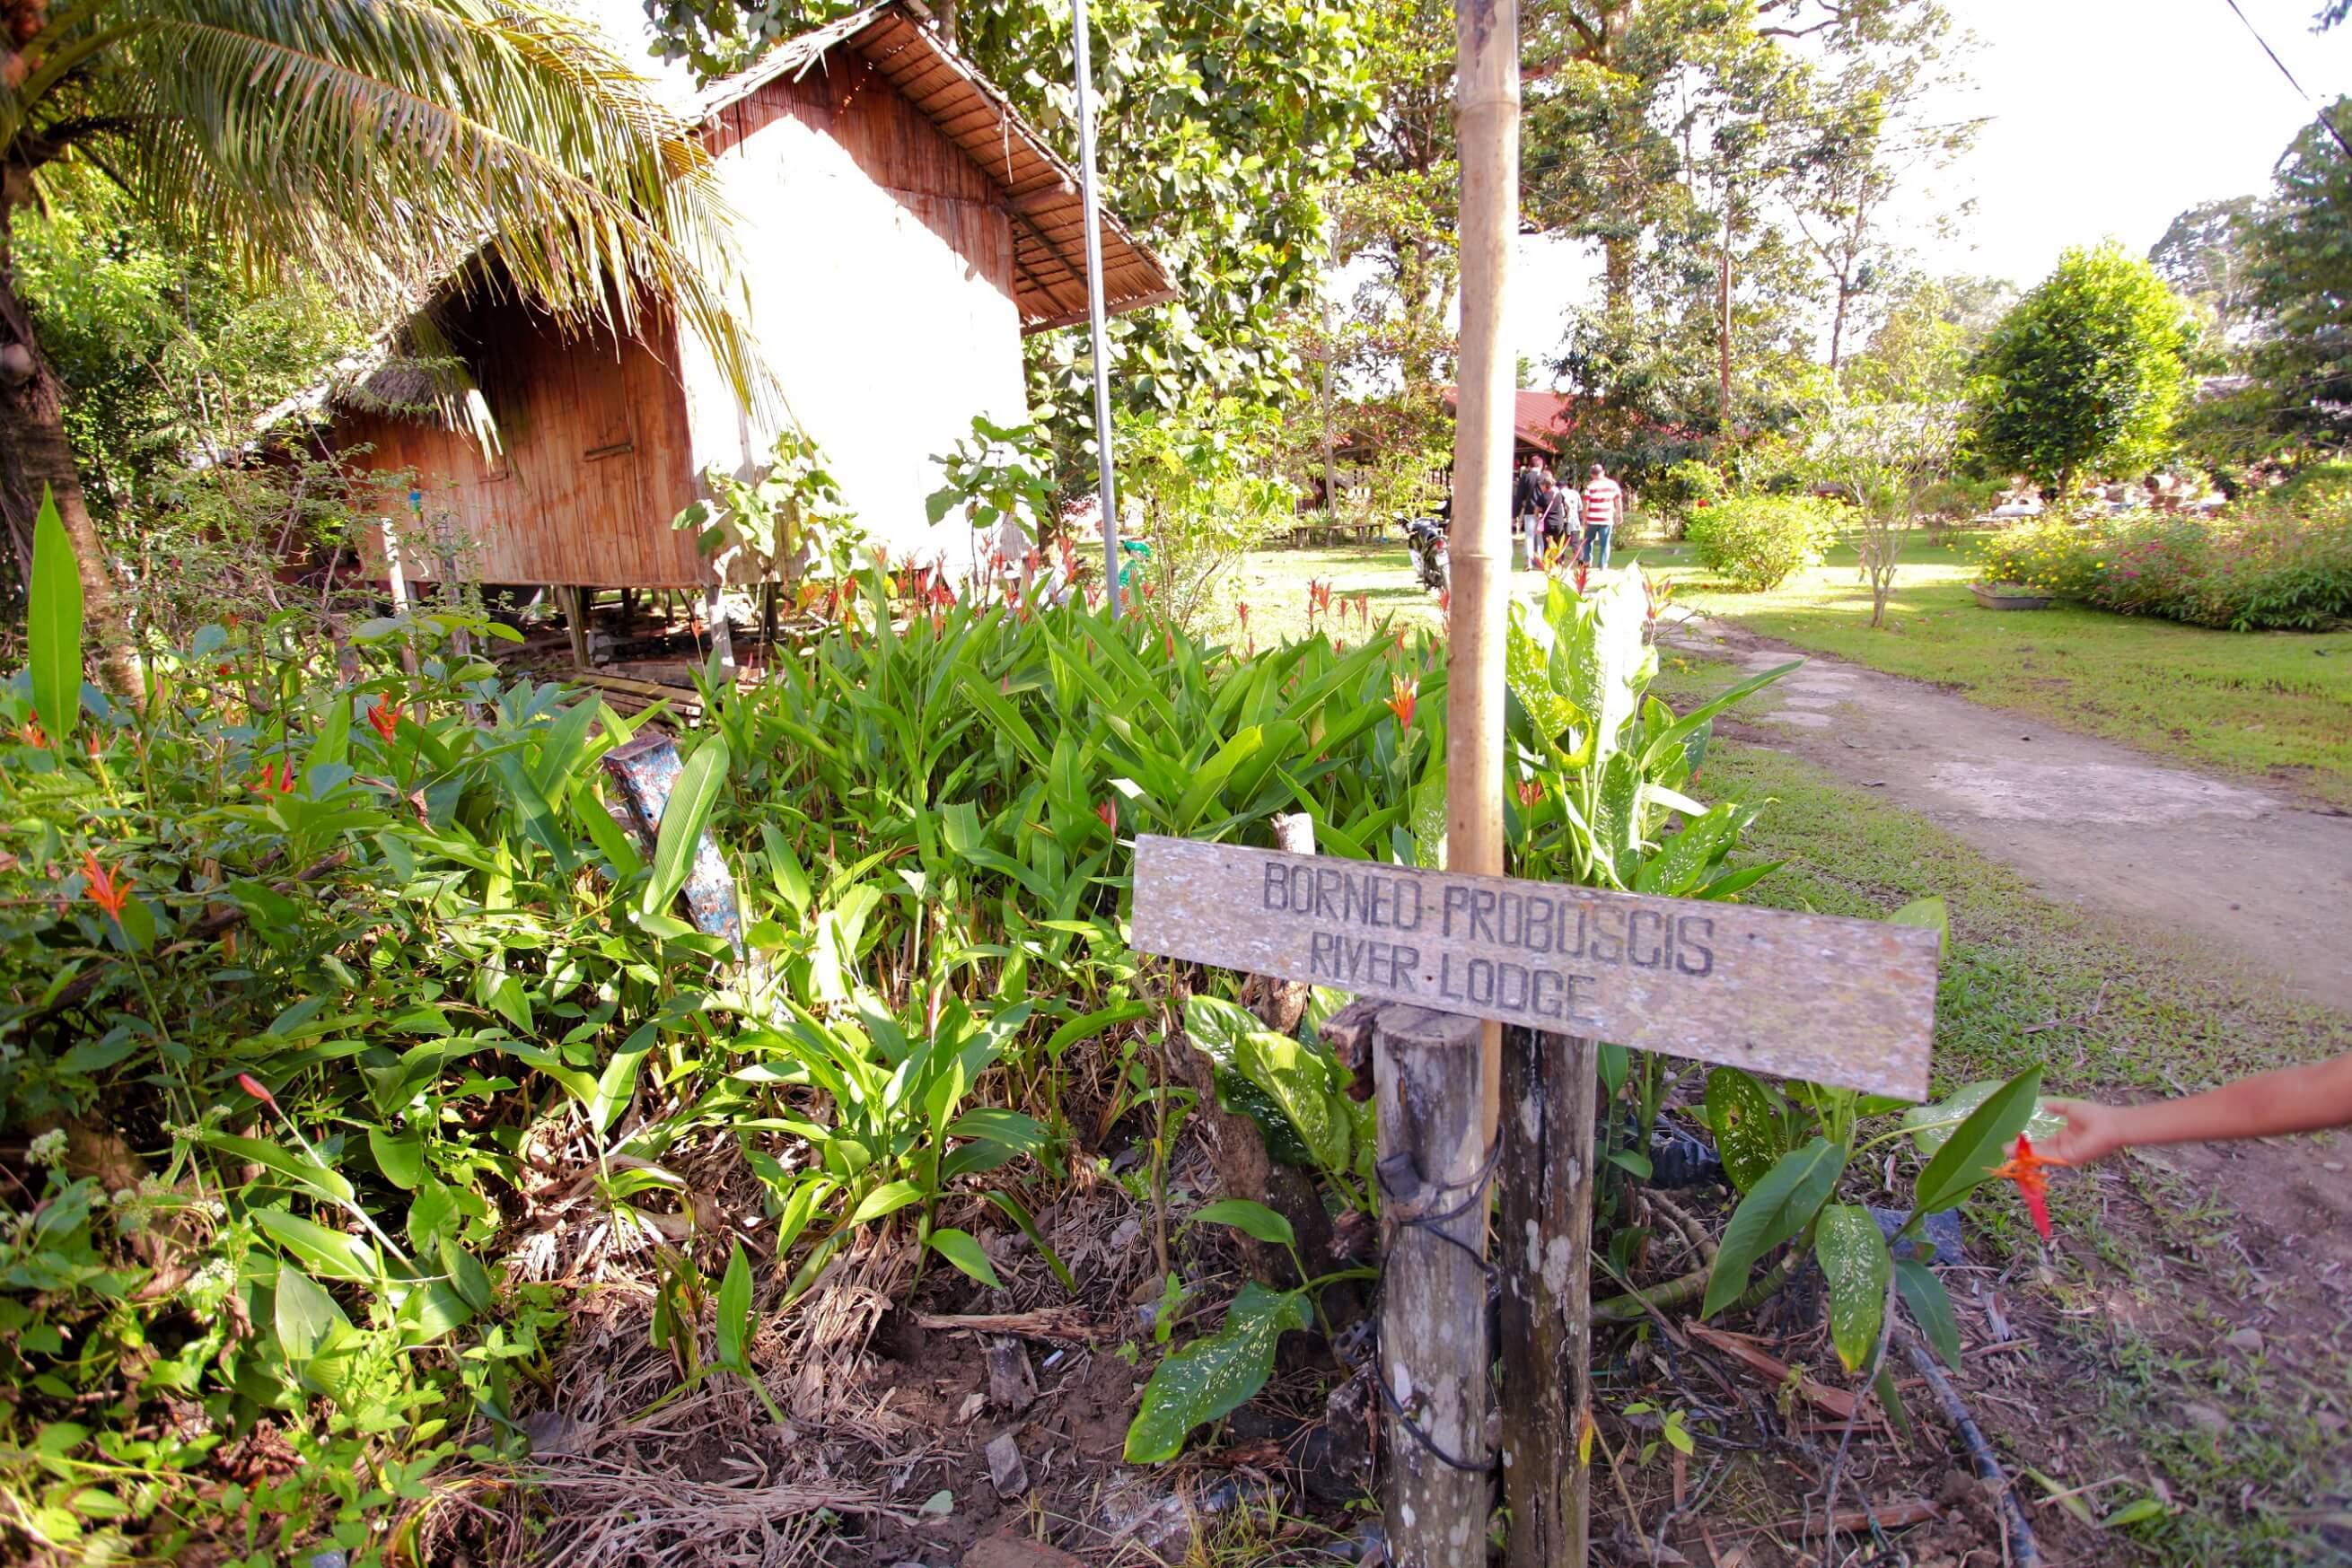 Melapi Proboscis Lodges